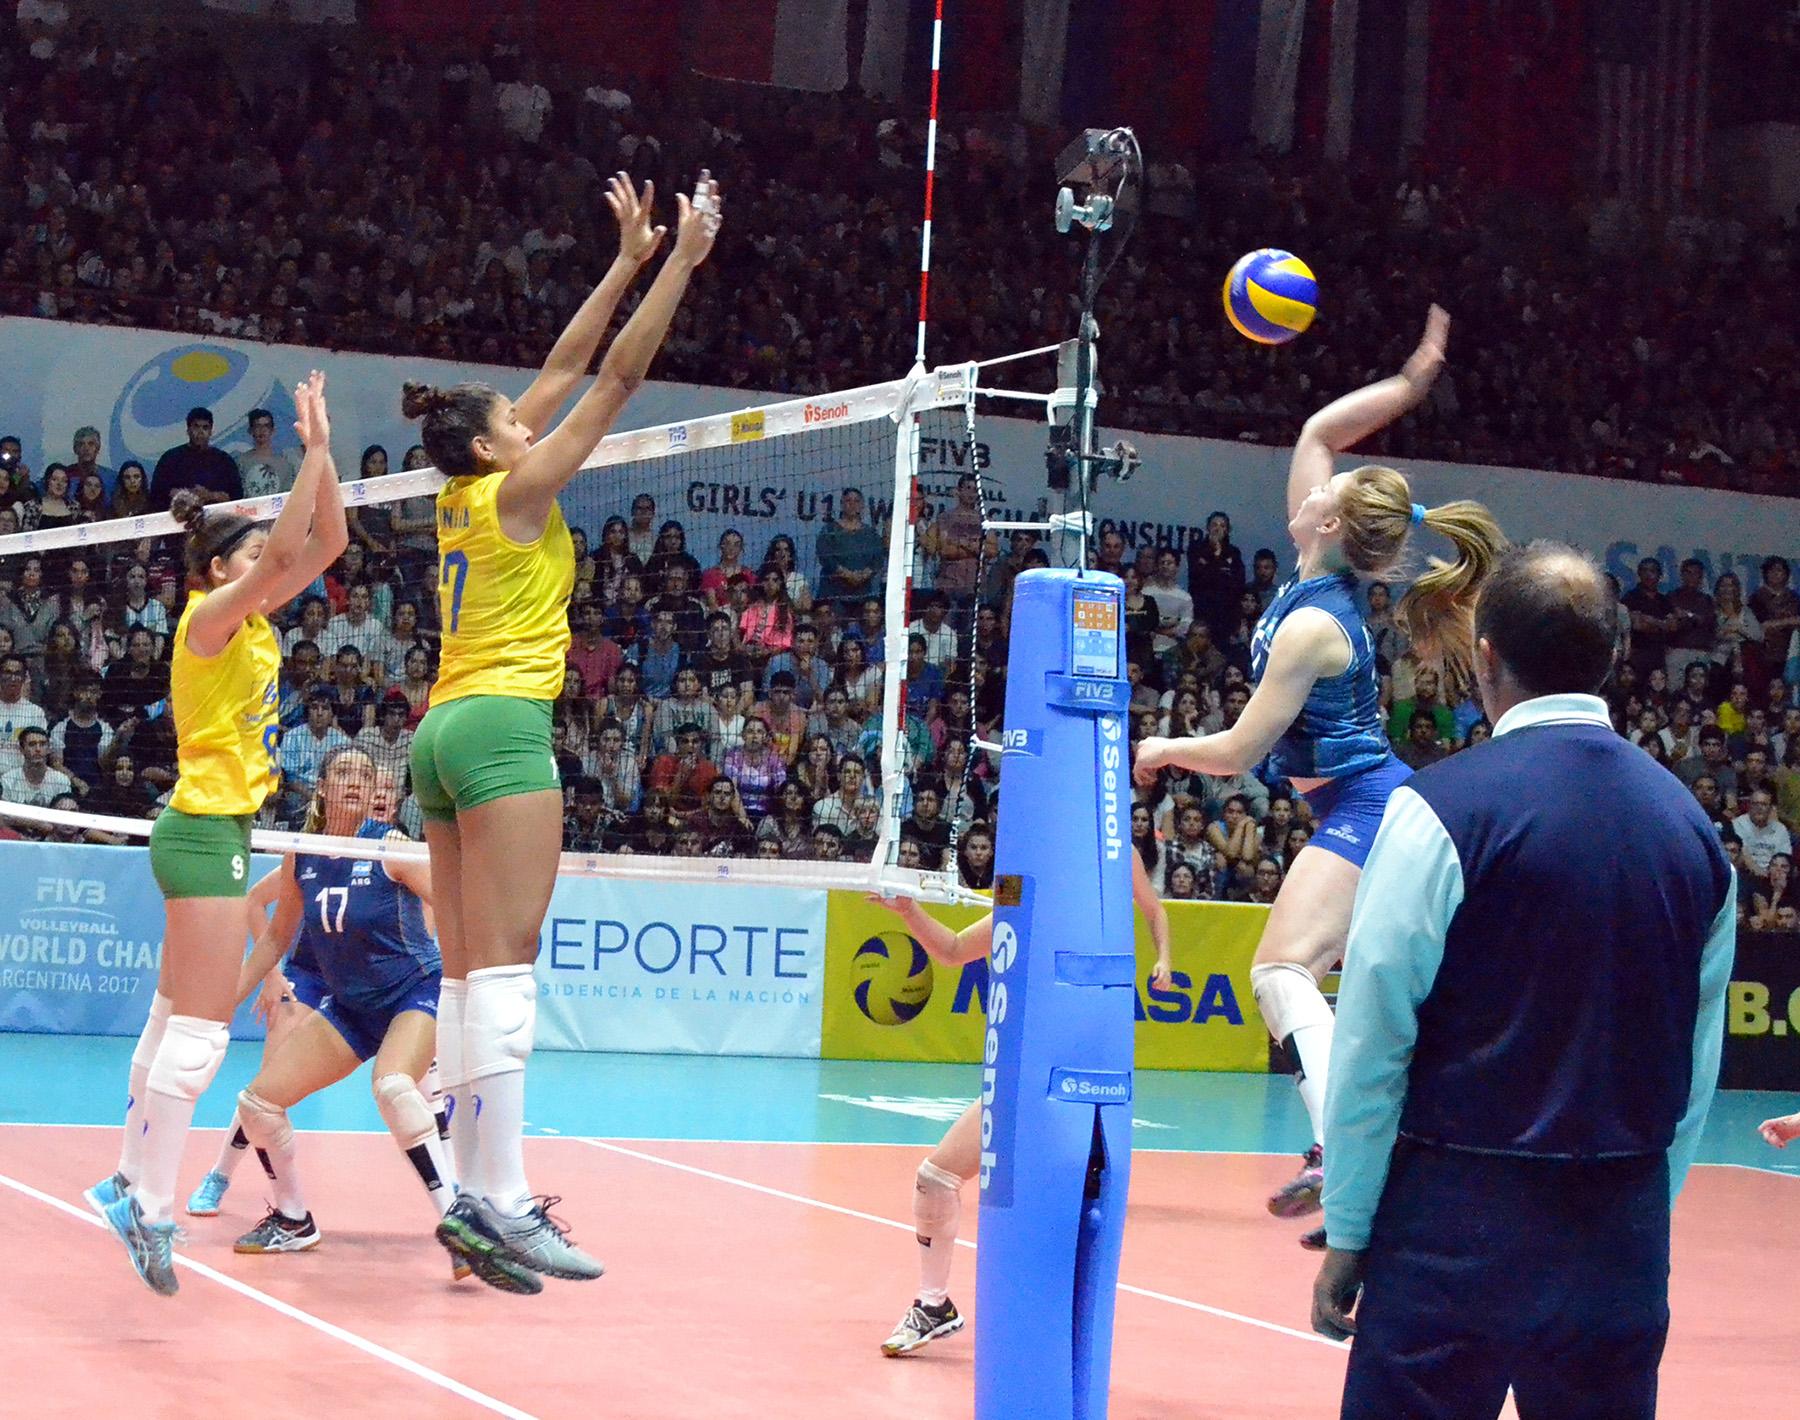 Brasil cede à pressão argentina e dá adeus à disputa pelo título